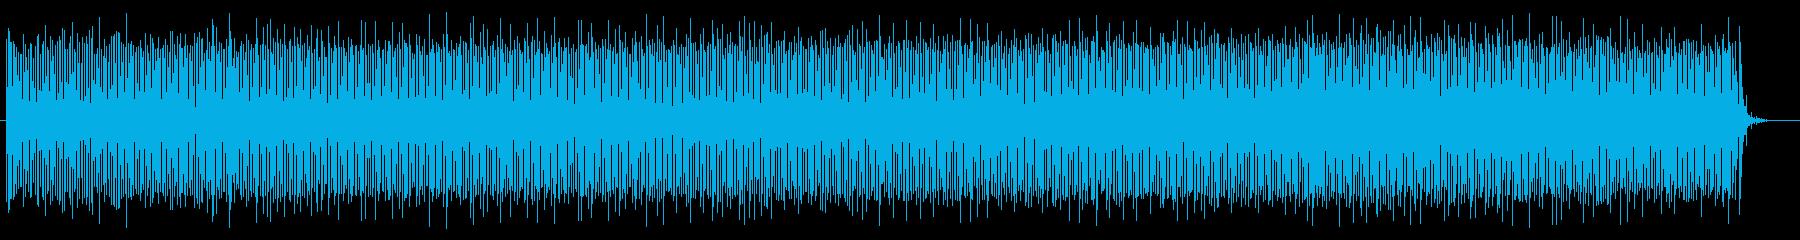 和やかで穏やかなシンセポップスの再生済みの波形